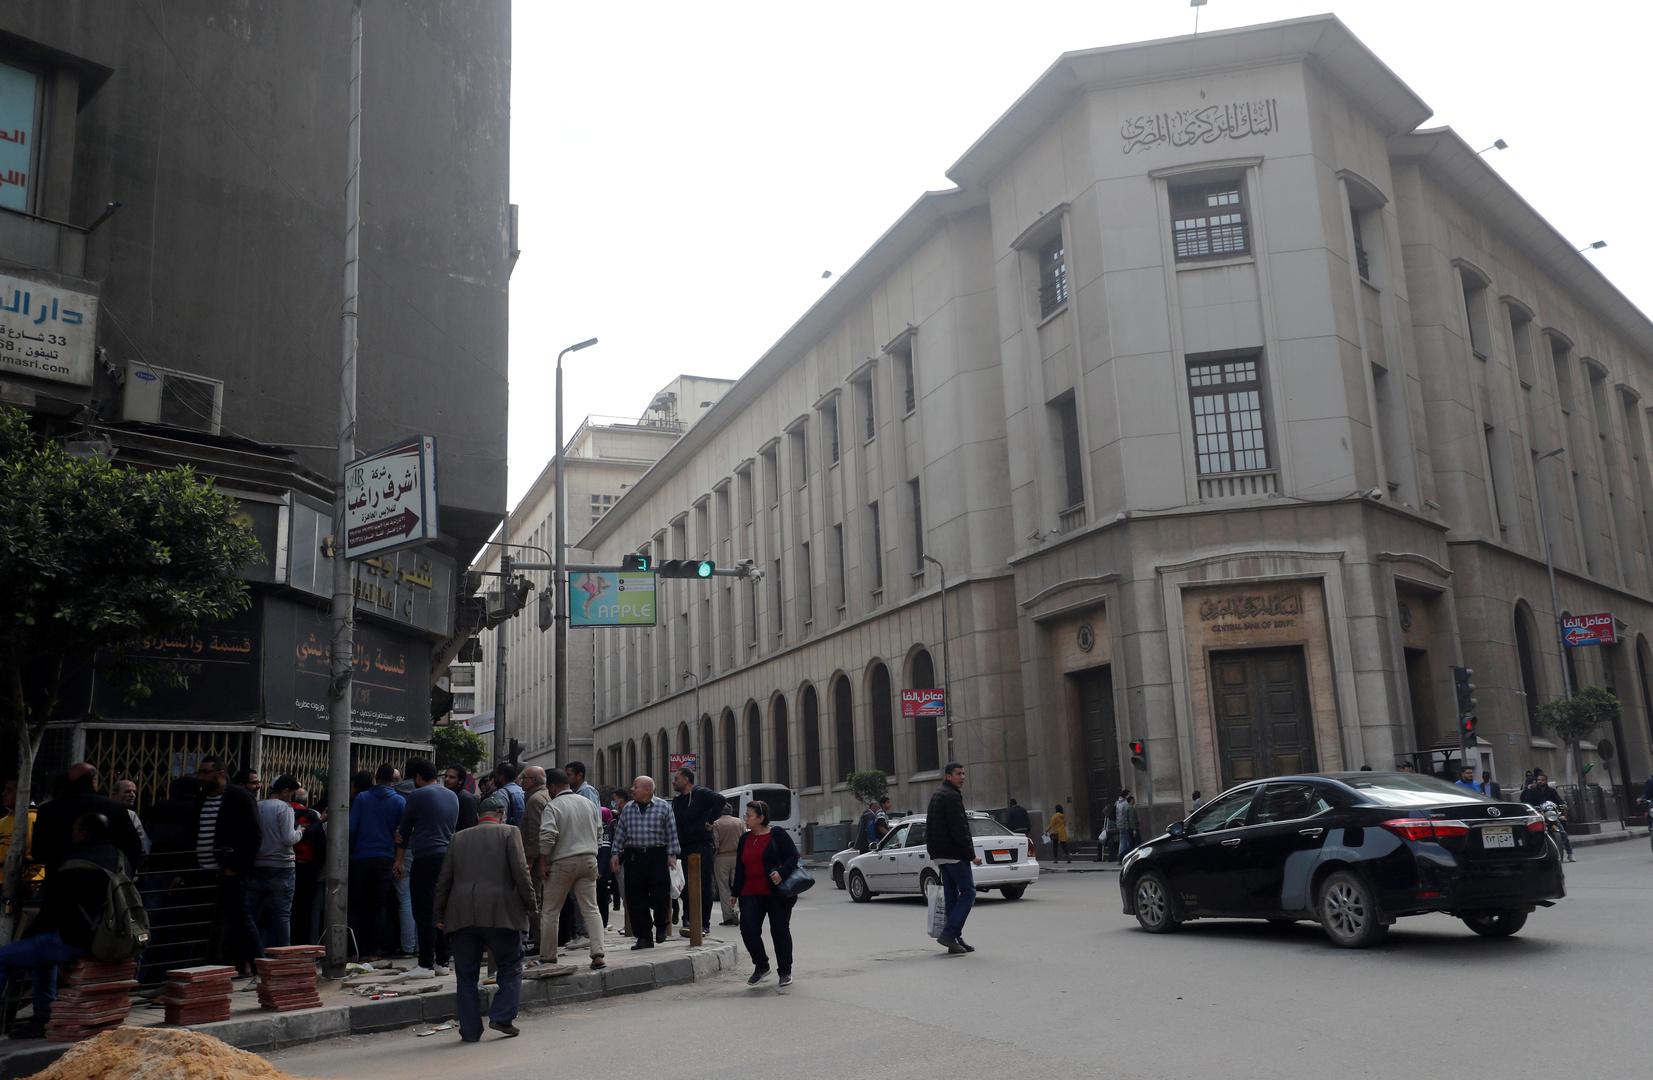 البنك المركزي المصري يعتمد القواعد المنظمة للتشغيل البيني لعمليات الإيداع والسحب النقدي